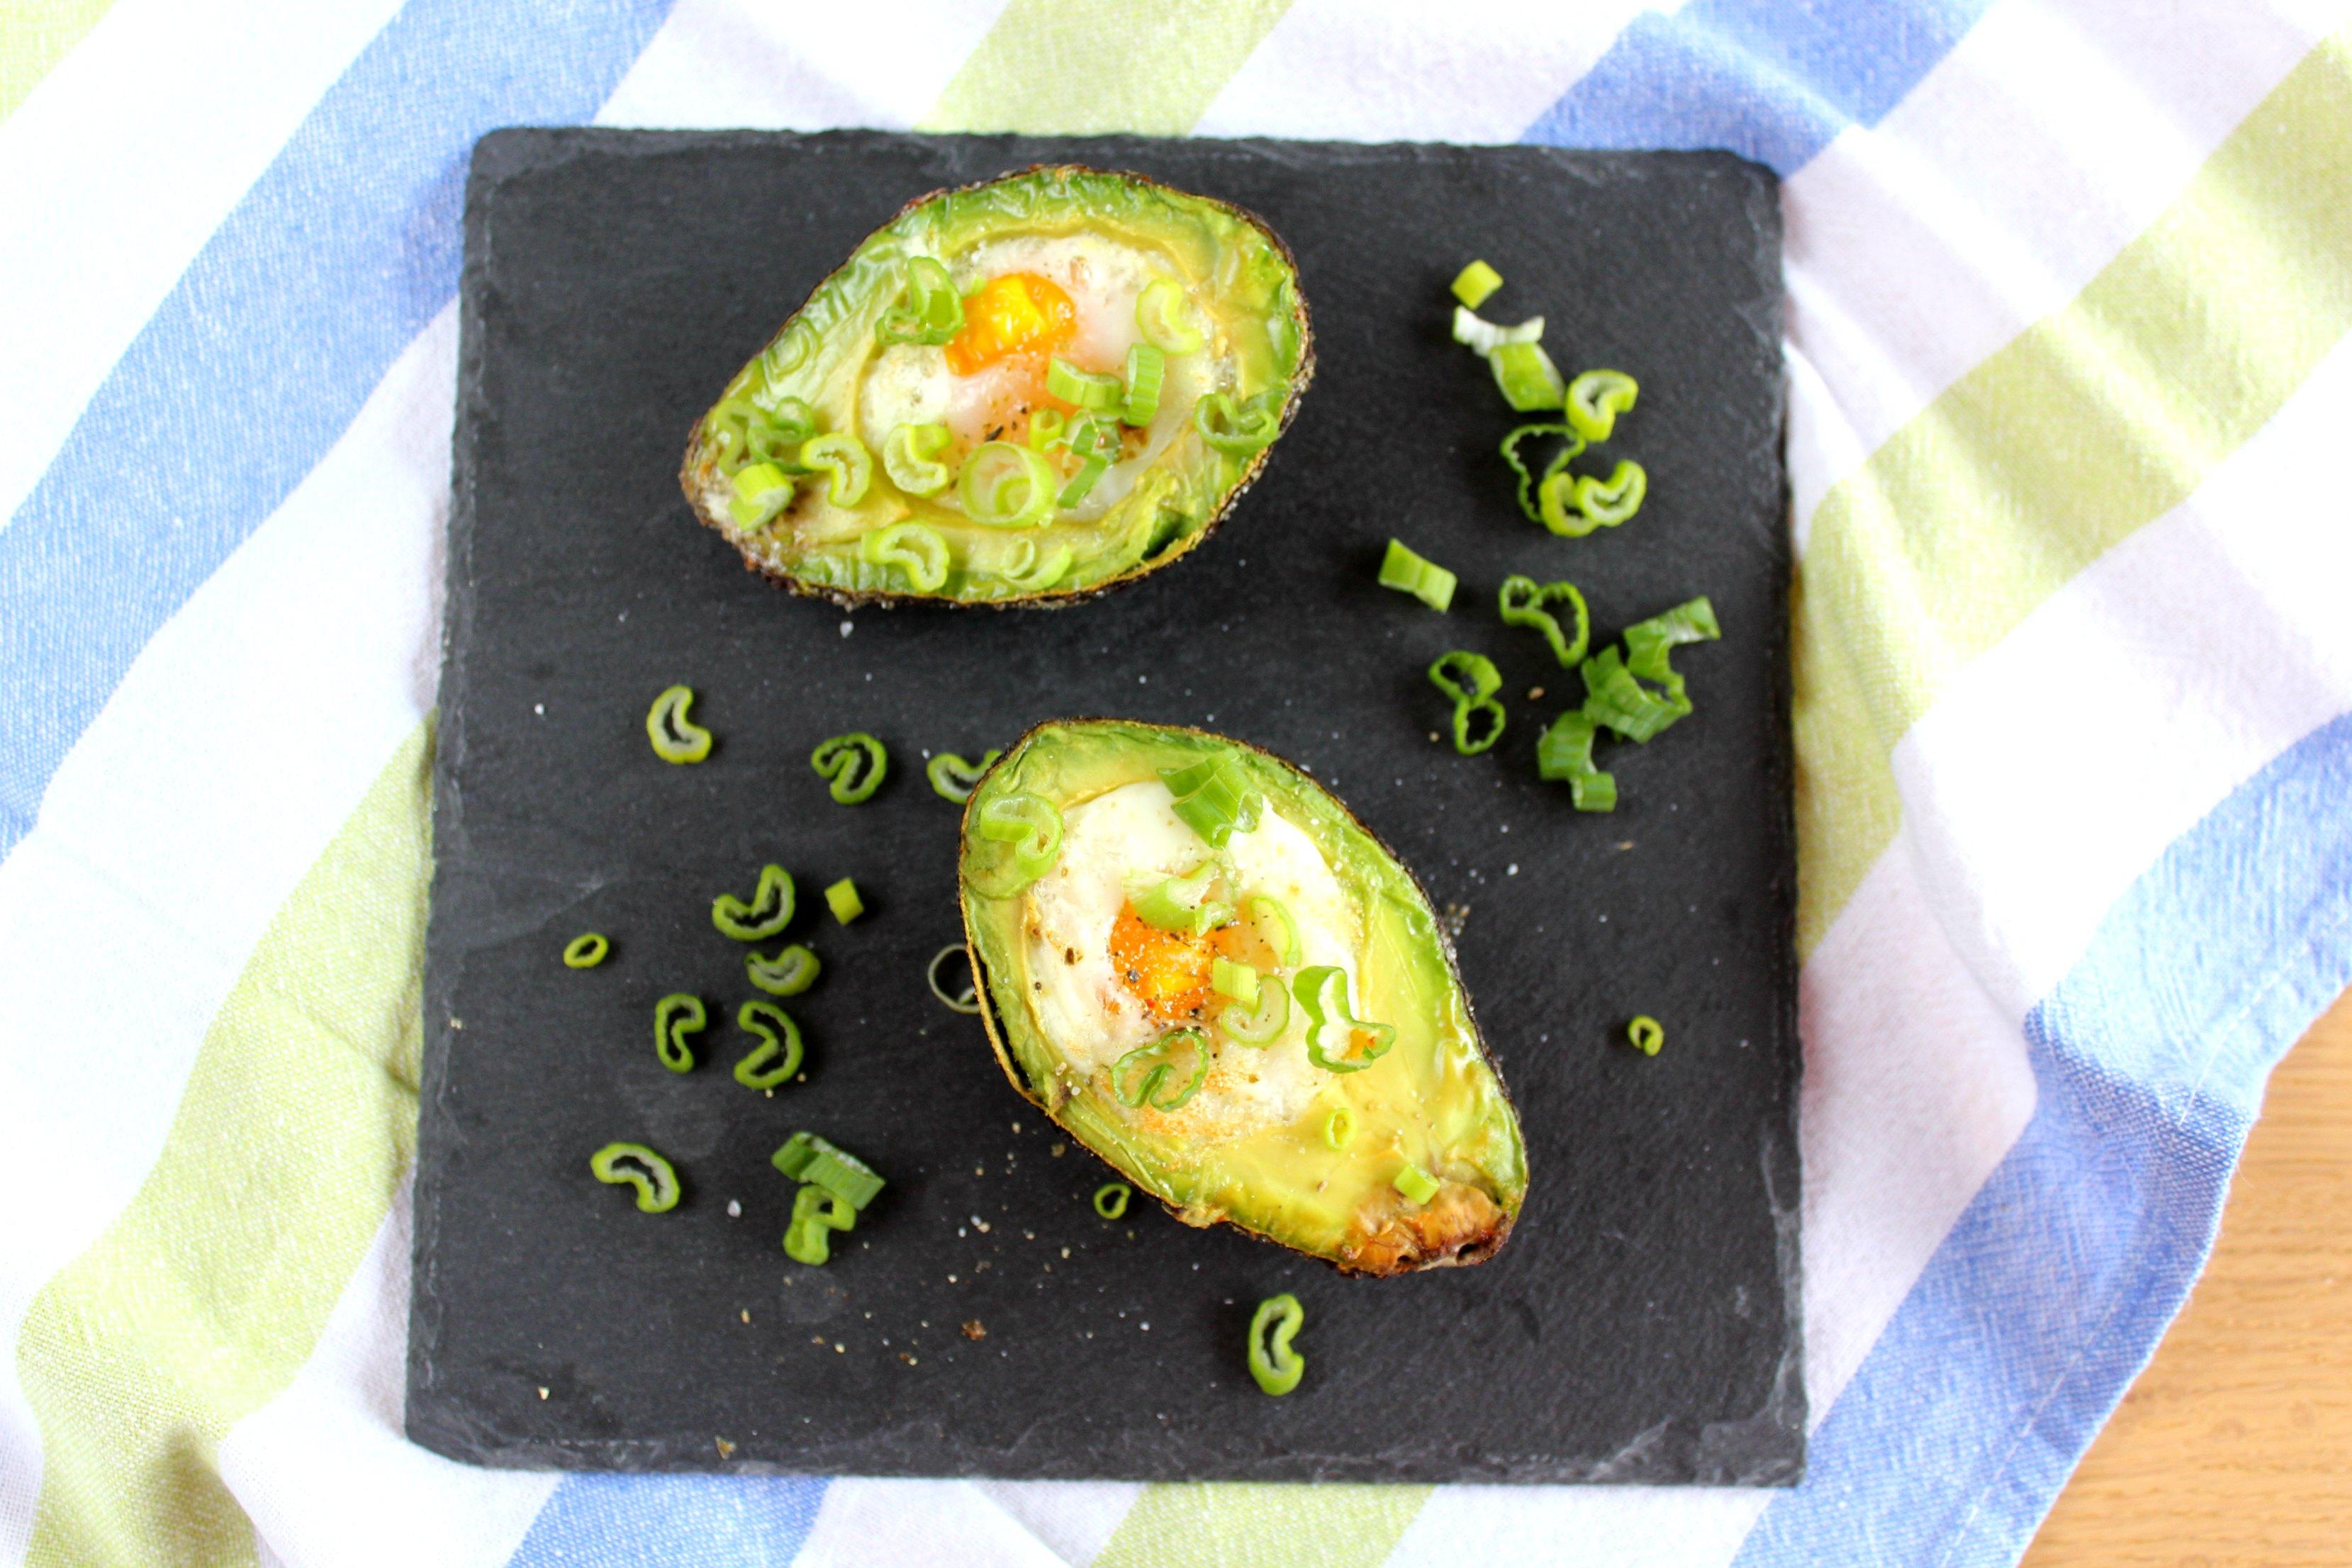 Avocado ei (3)